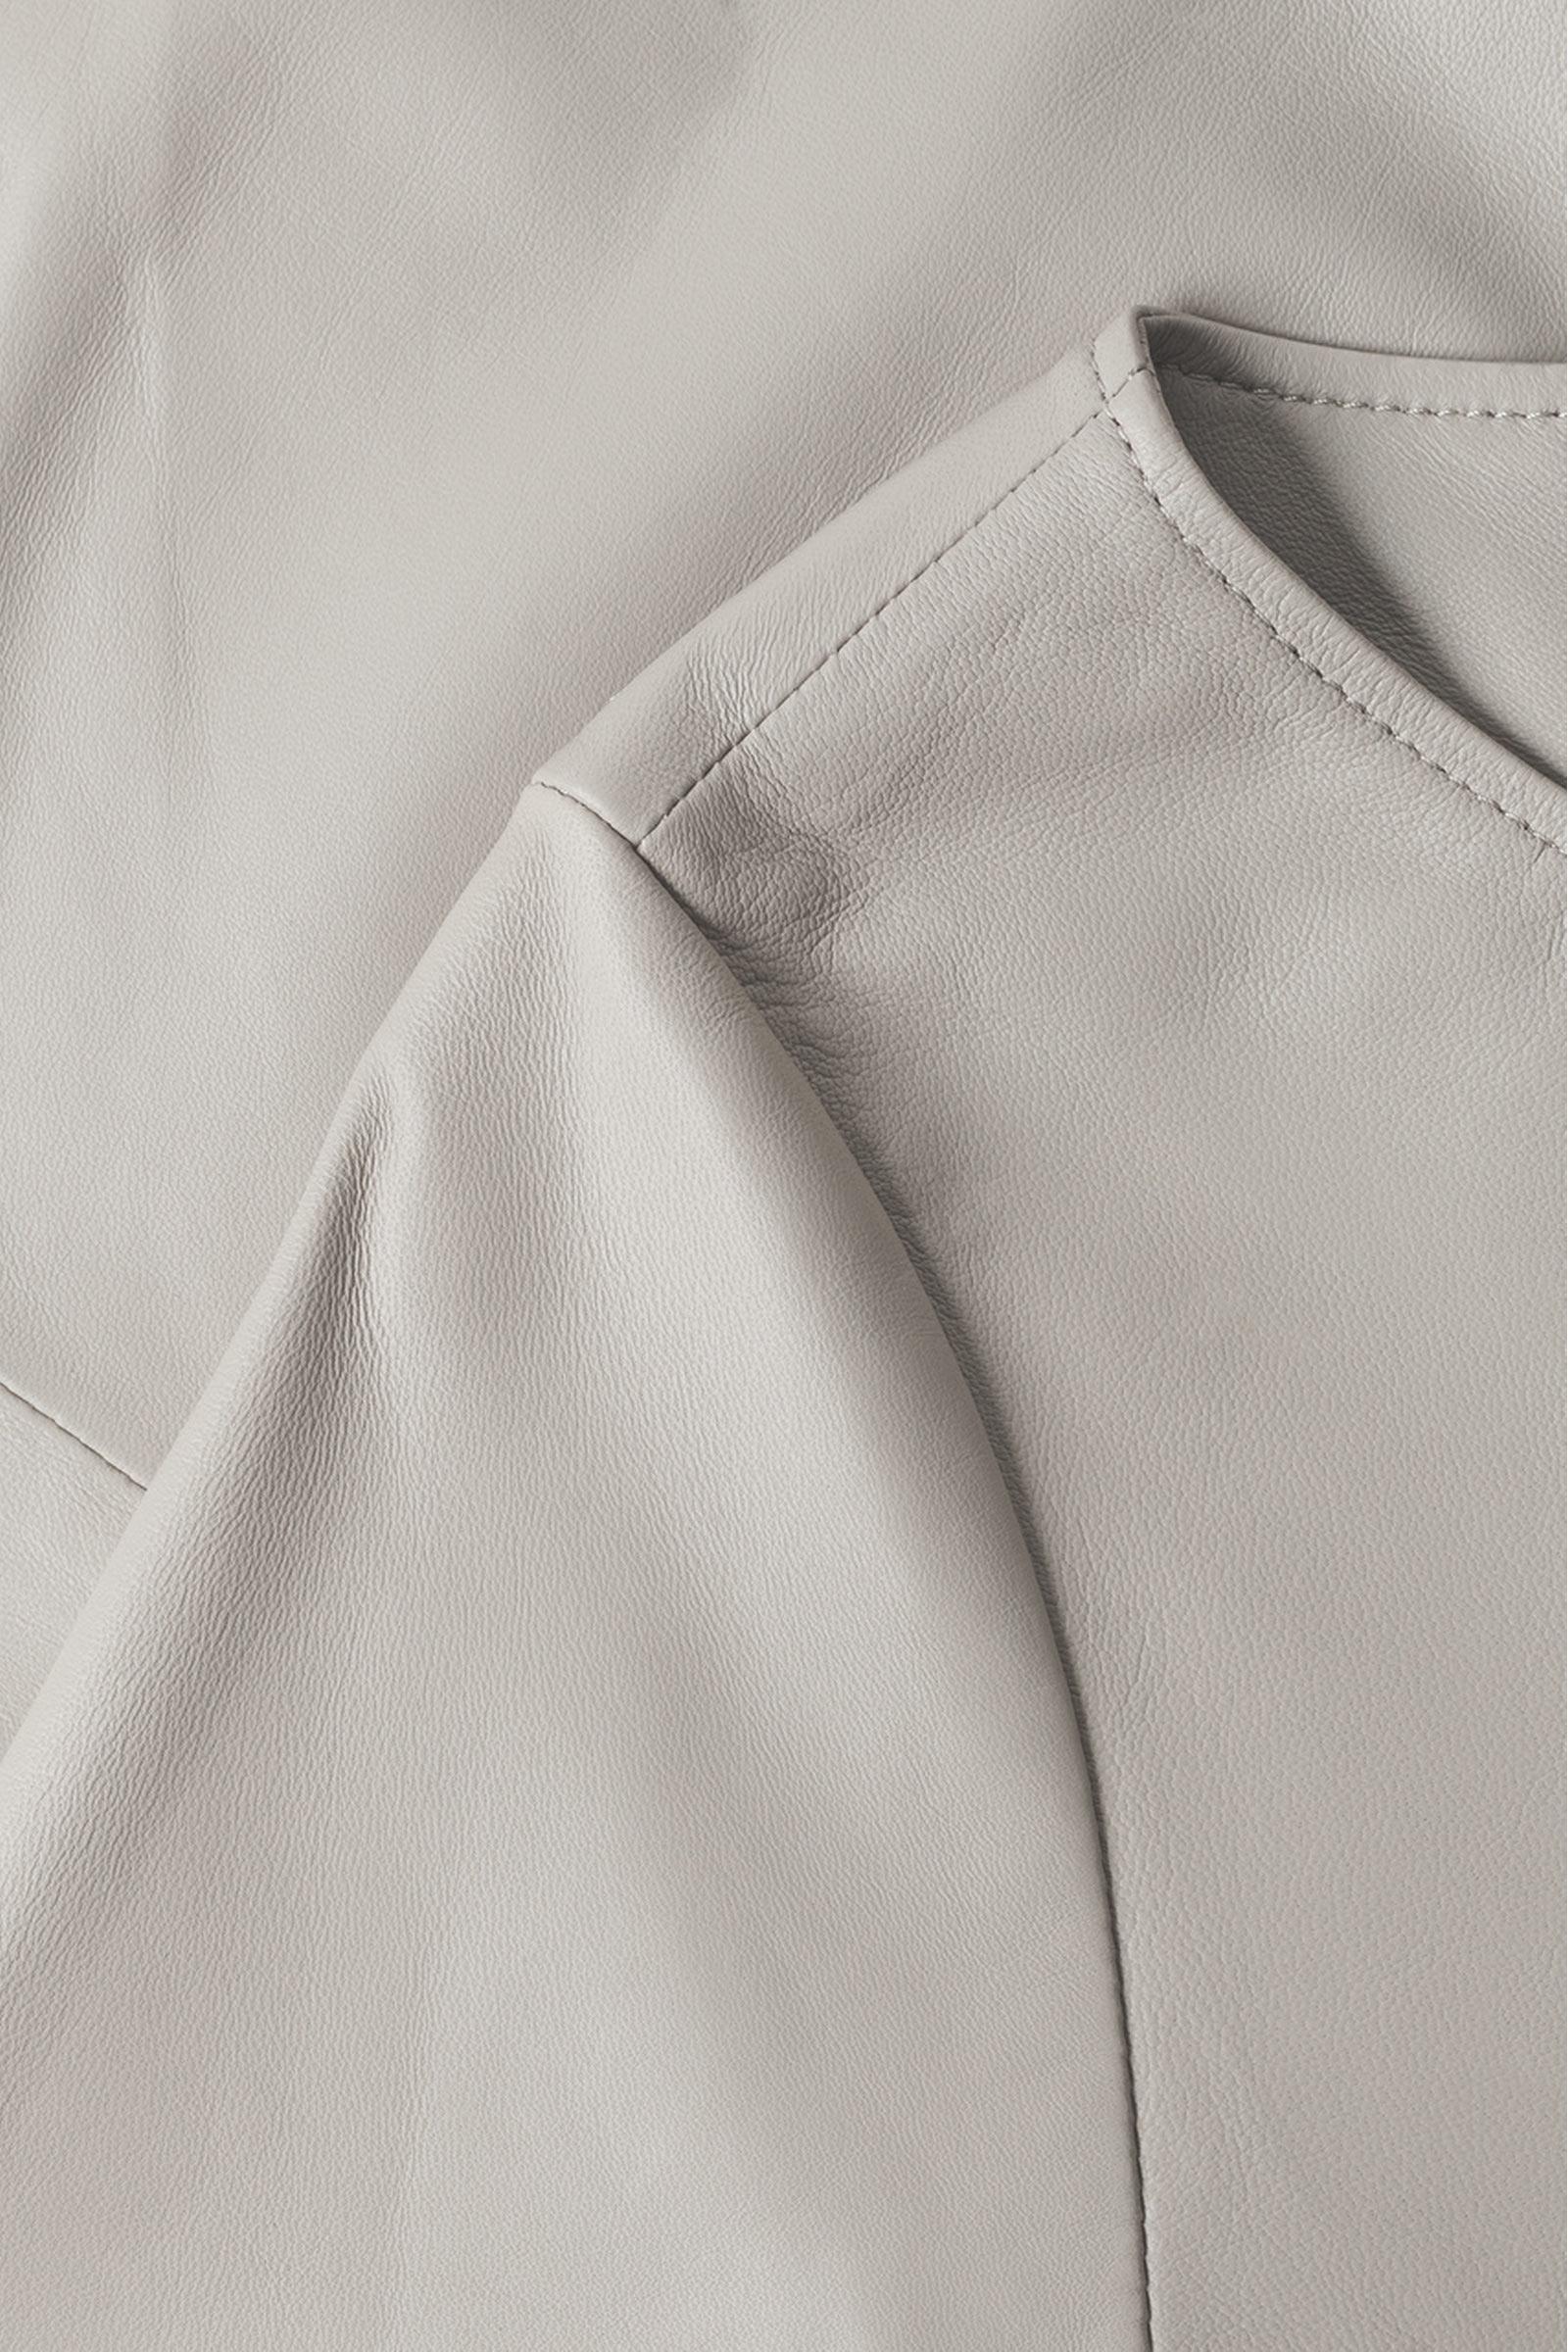 COS A라인 레더 드레스의 그레이컬러 Detail입니다.